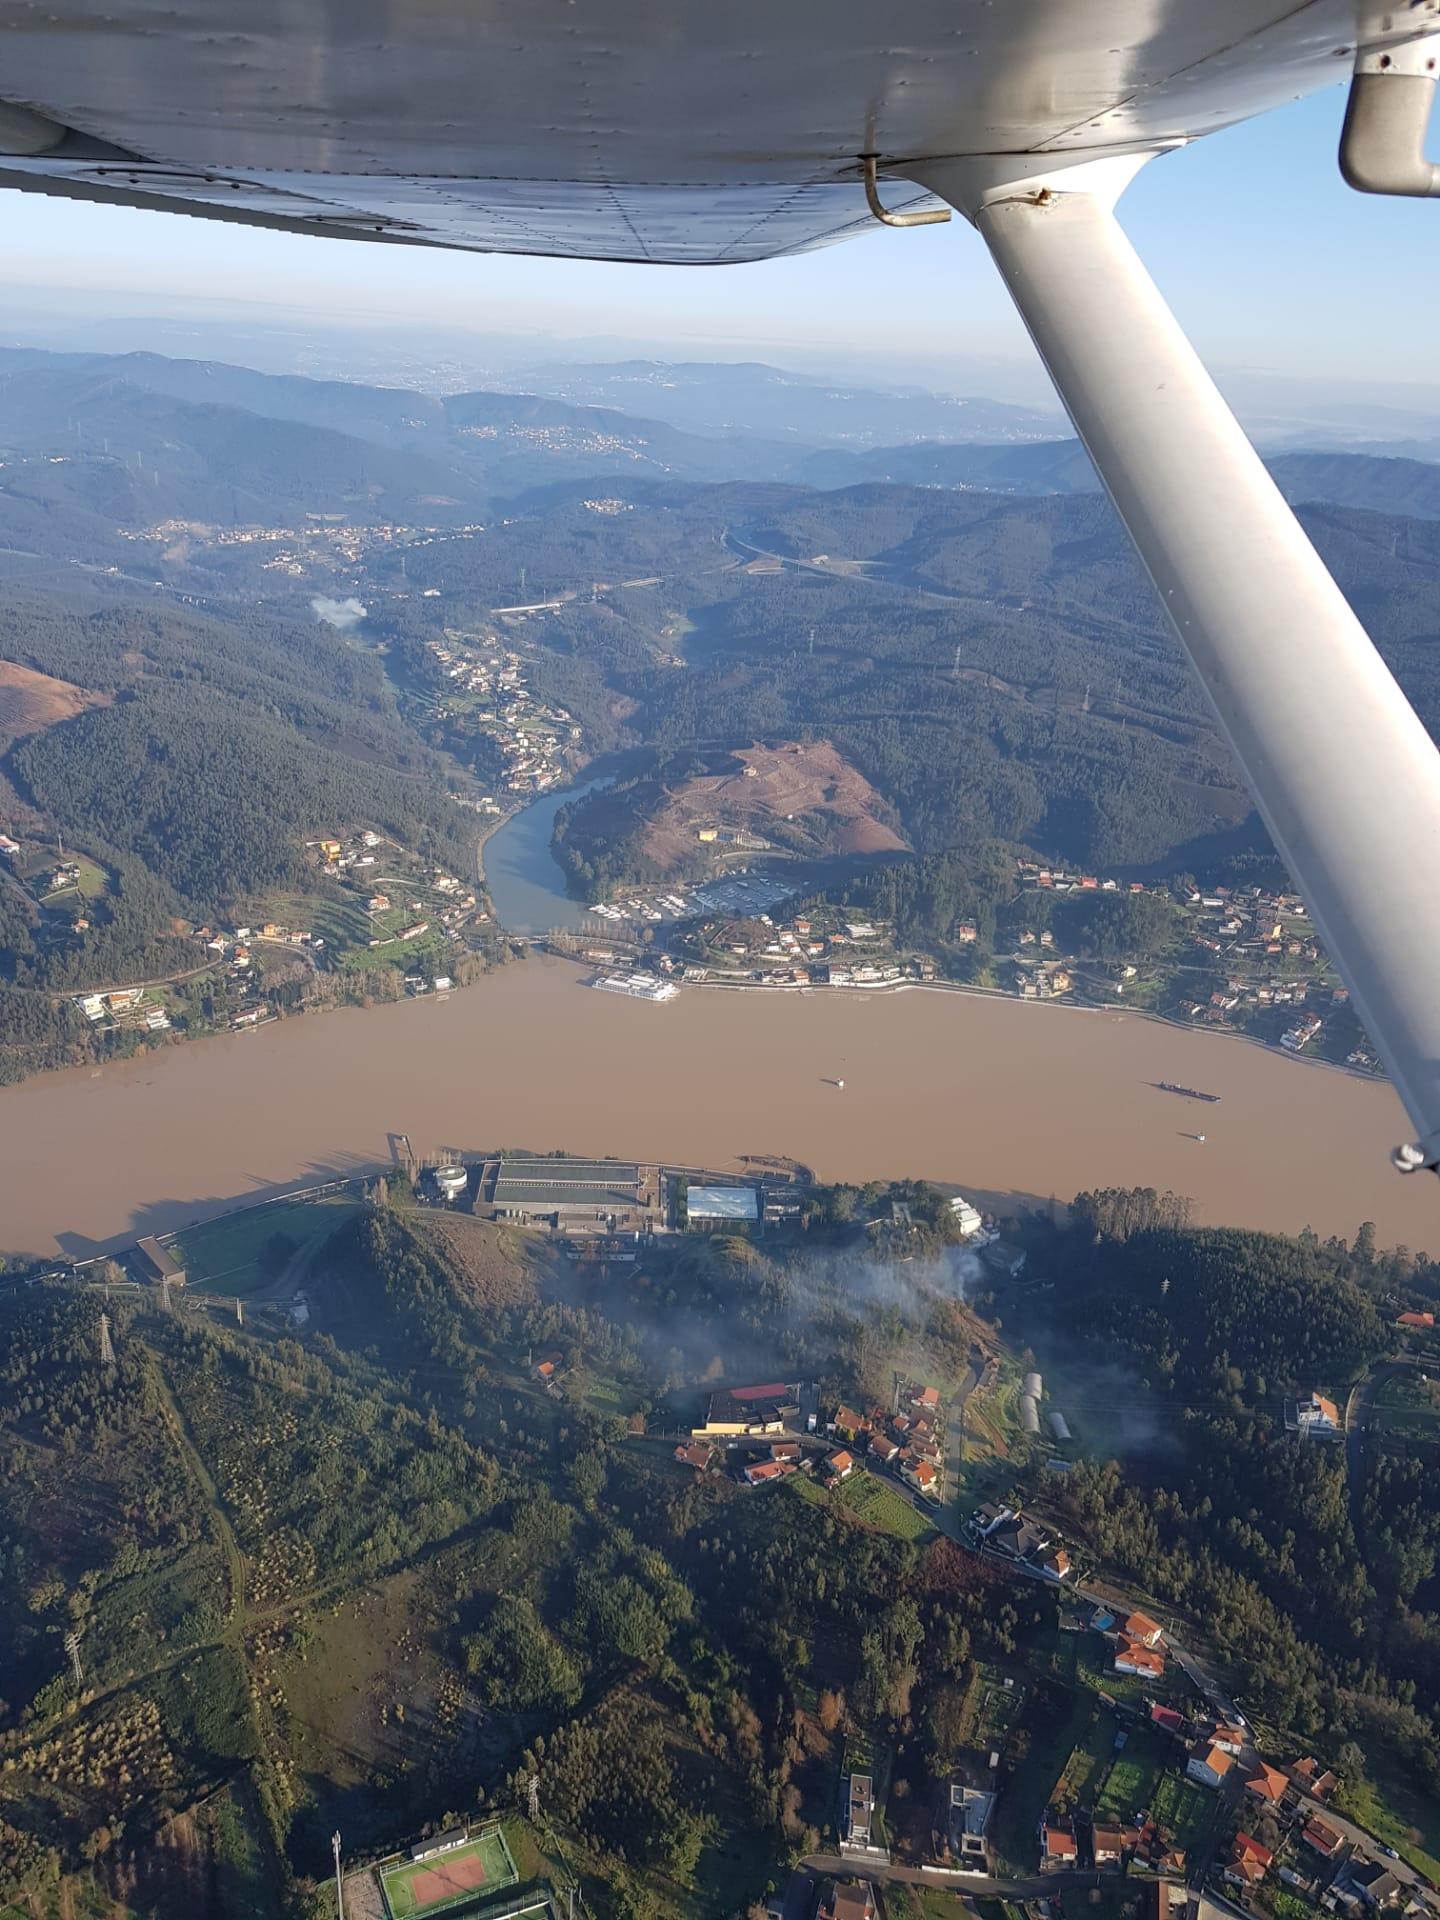 LM-Arquivo-Douro-Paiva-Foto-Aerea-ETA-Lever-042